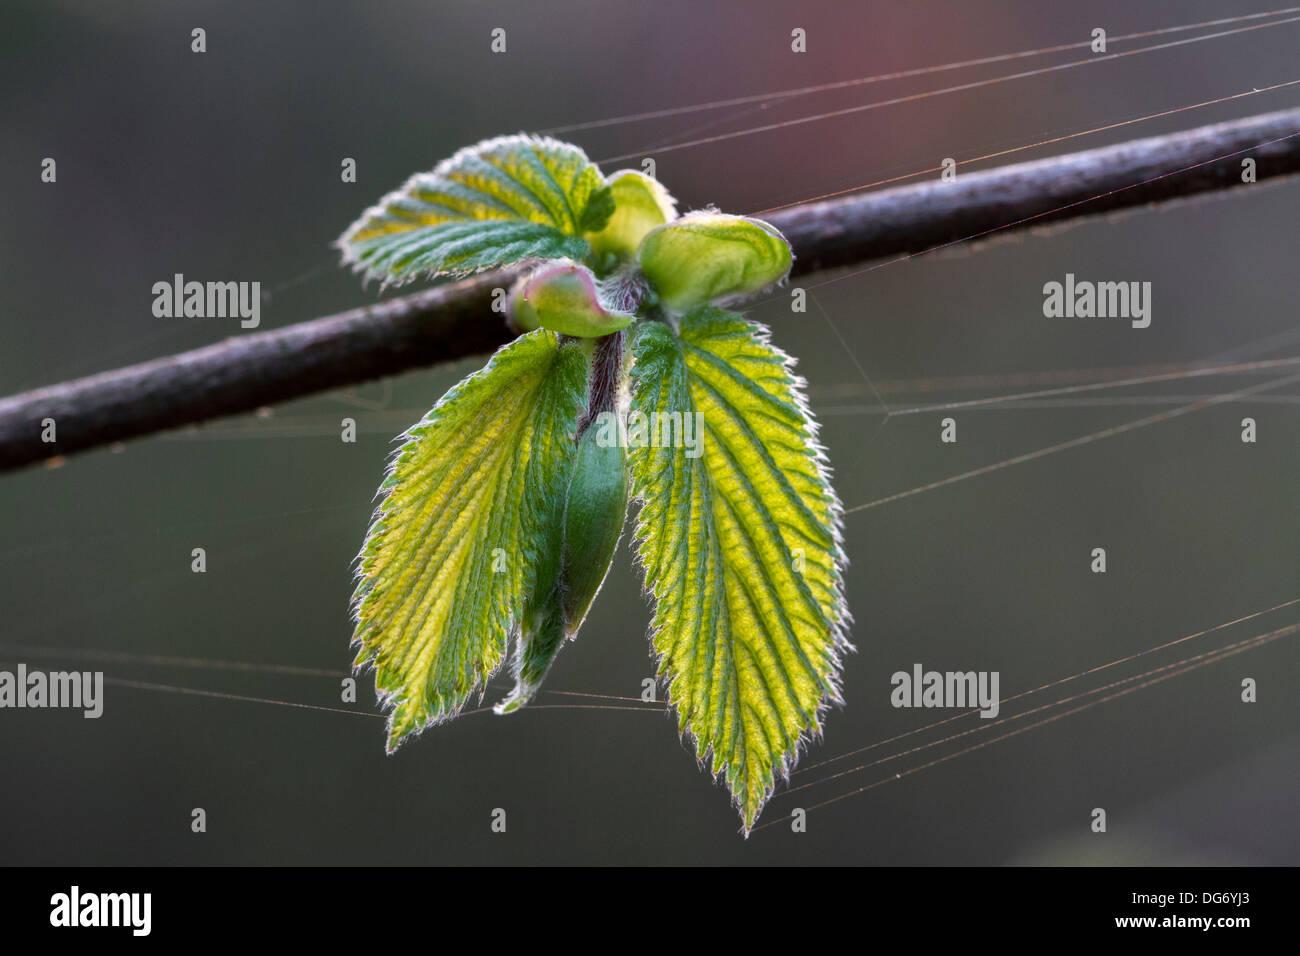 Comune di nocciolo (Corylus avellana) ramo con foglie emergenti in primavera Immagini Stock